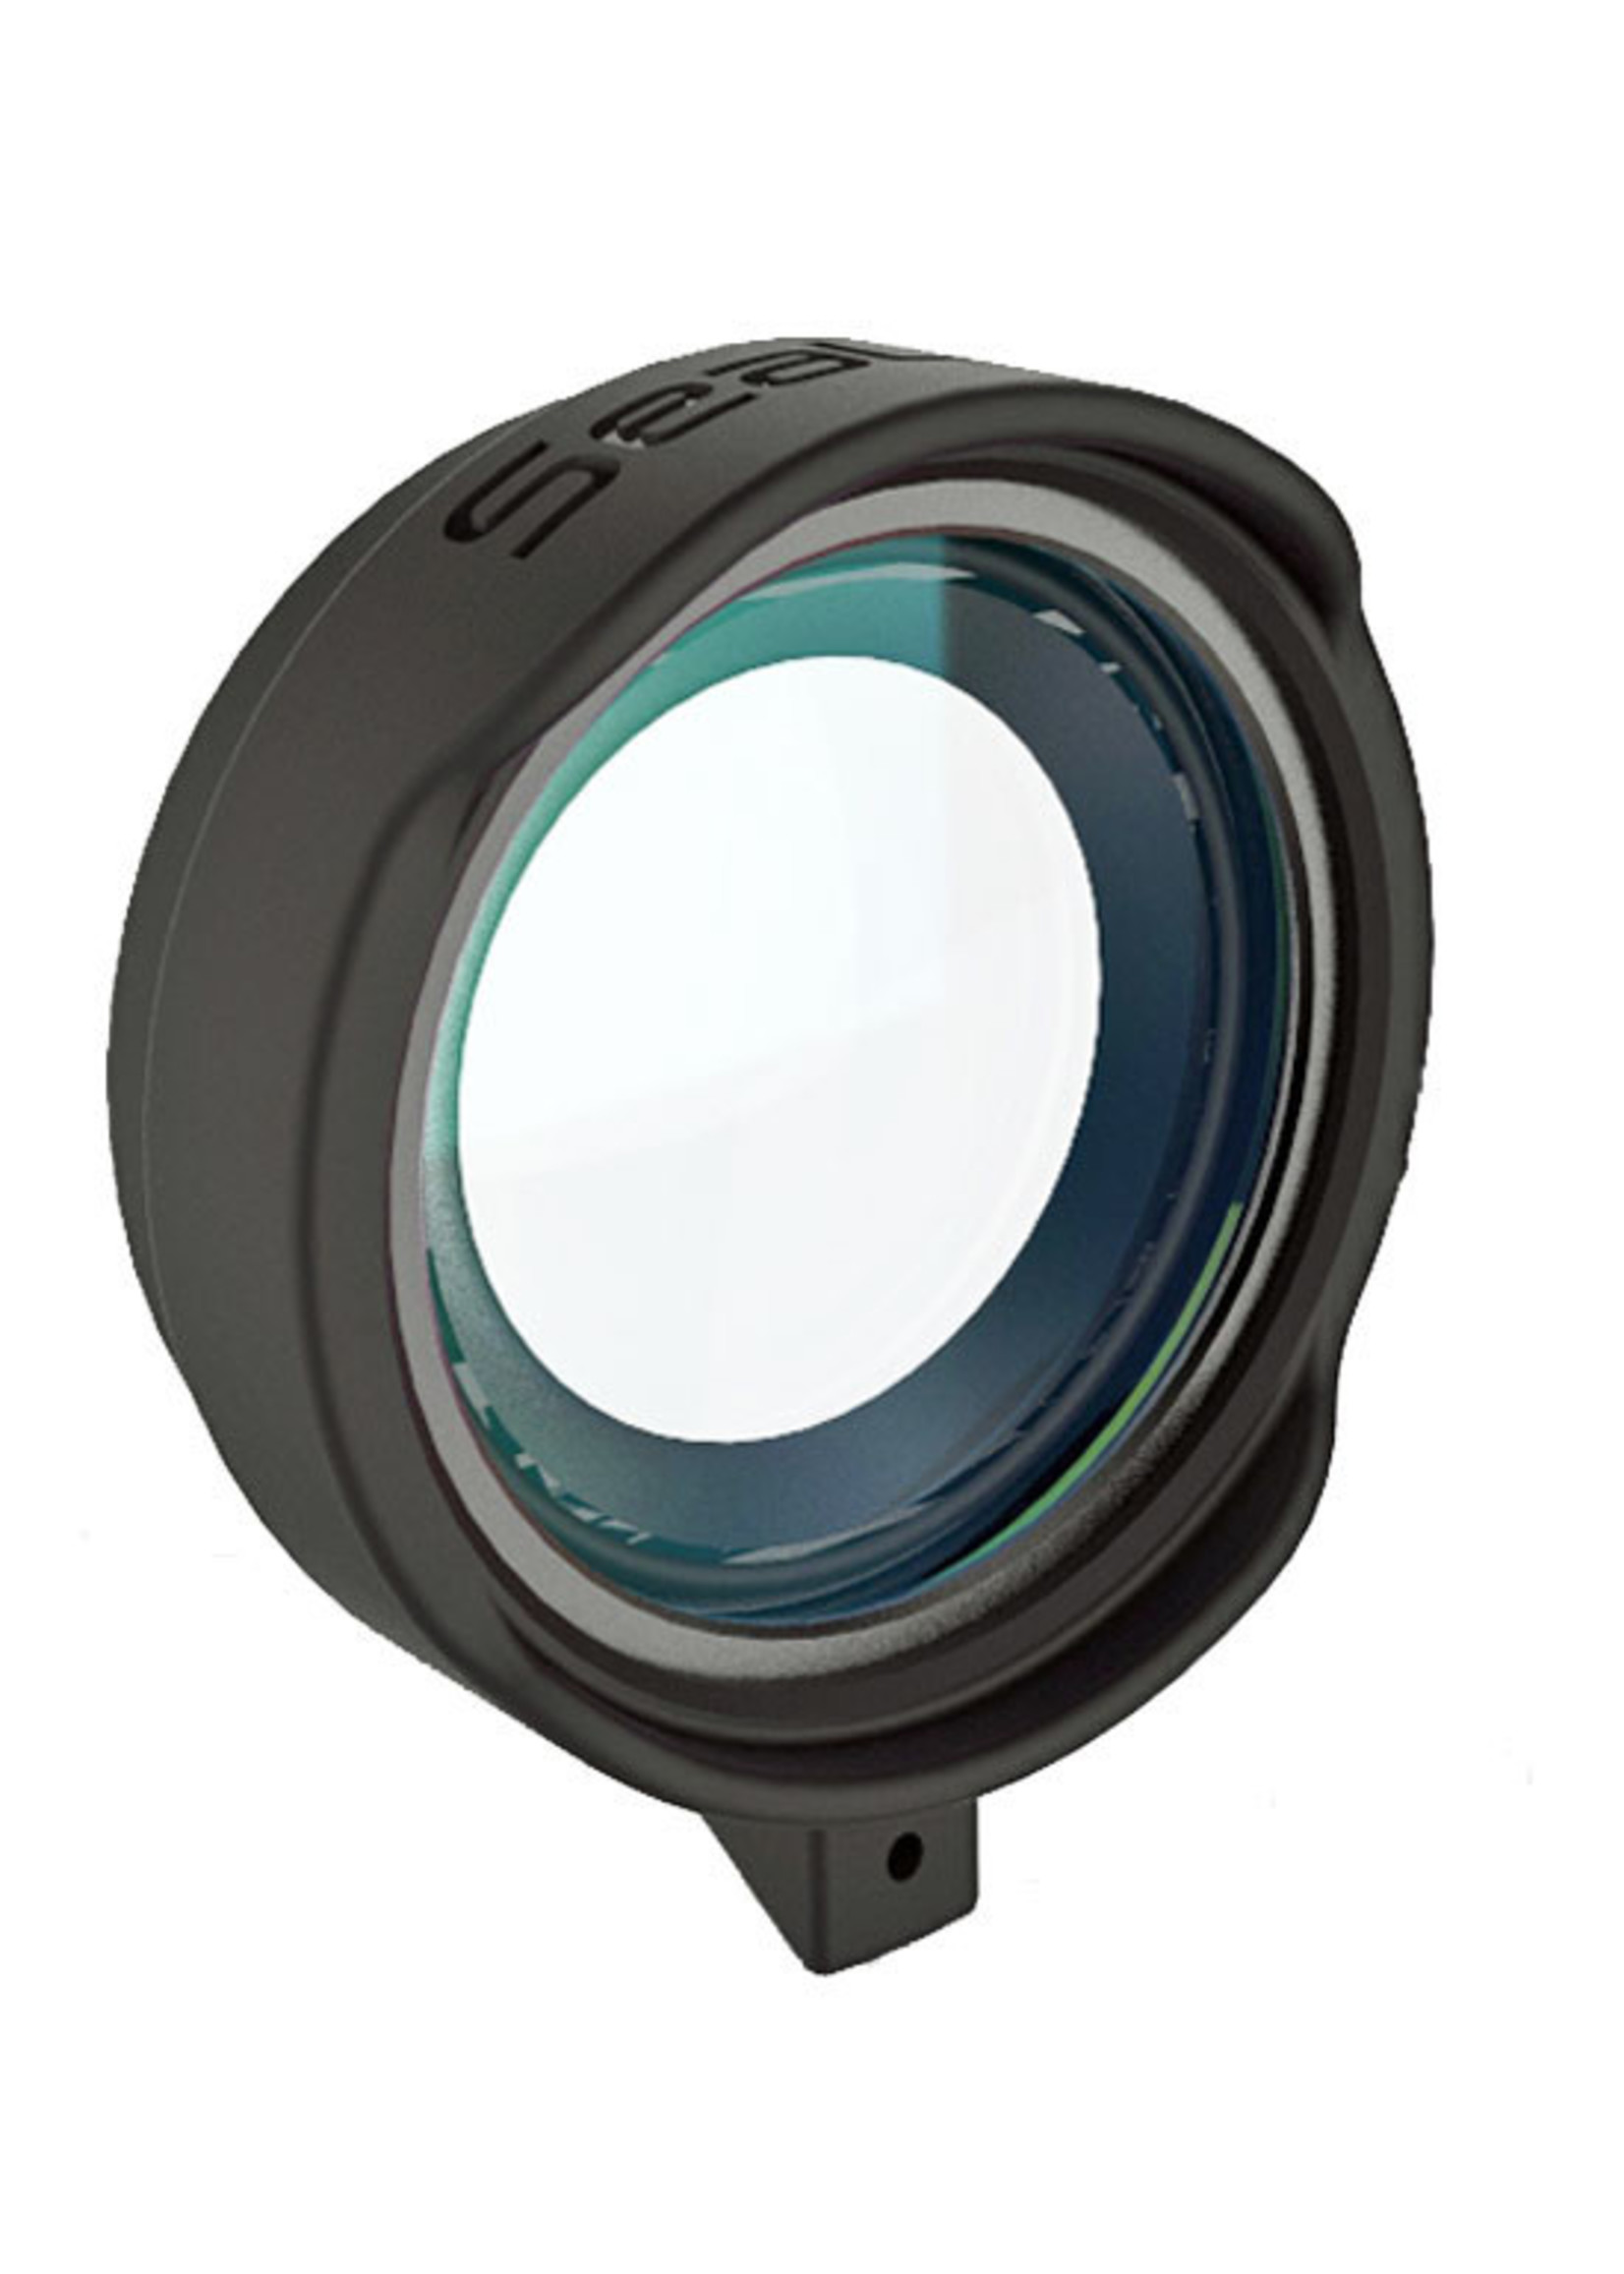 Sealife Sealife Micro Series Super Macro Lens